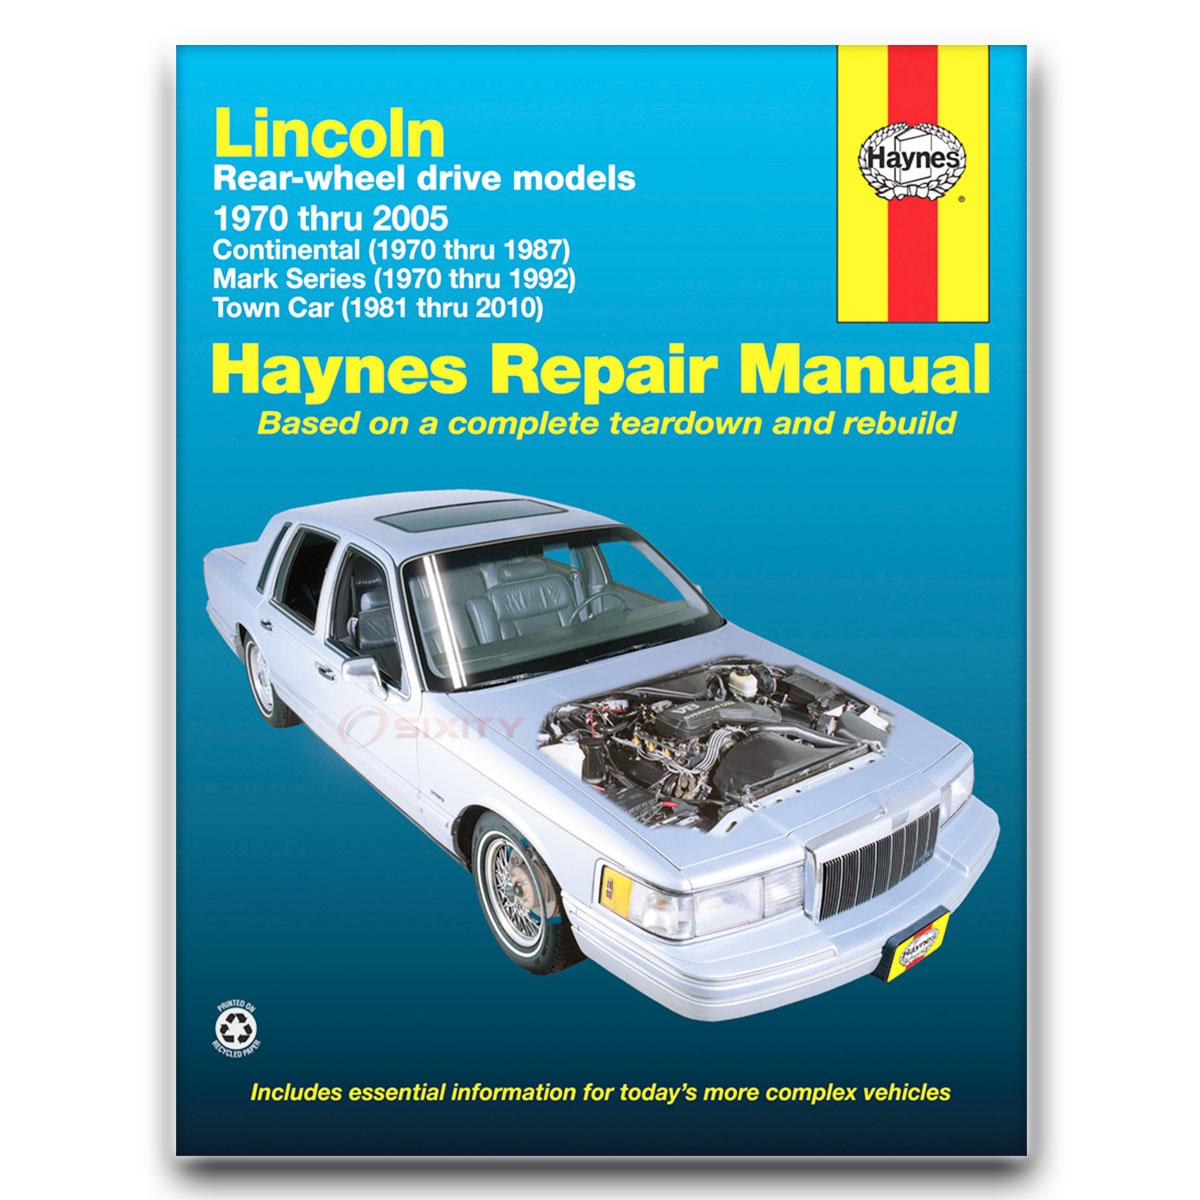 Haynes Repair Manual For 1972-1976 Lincoln Mark Iv